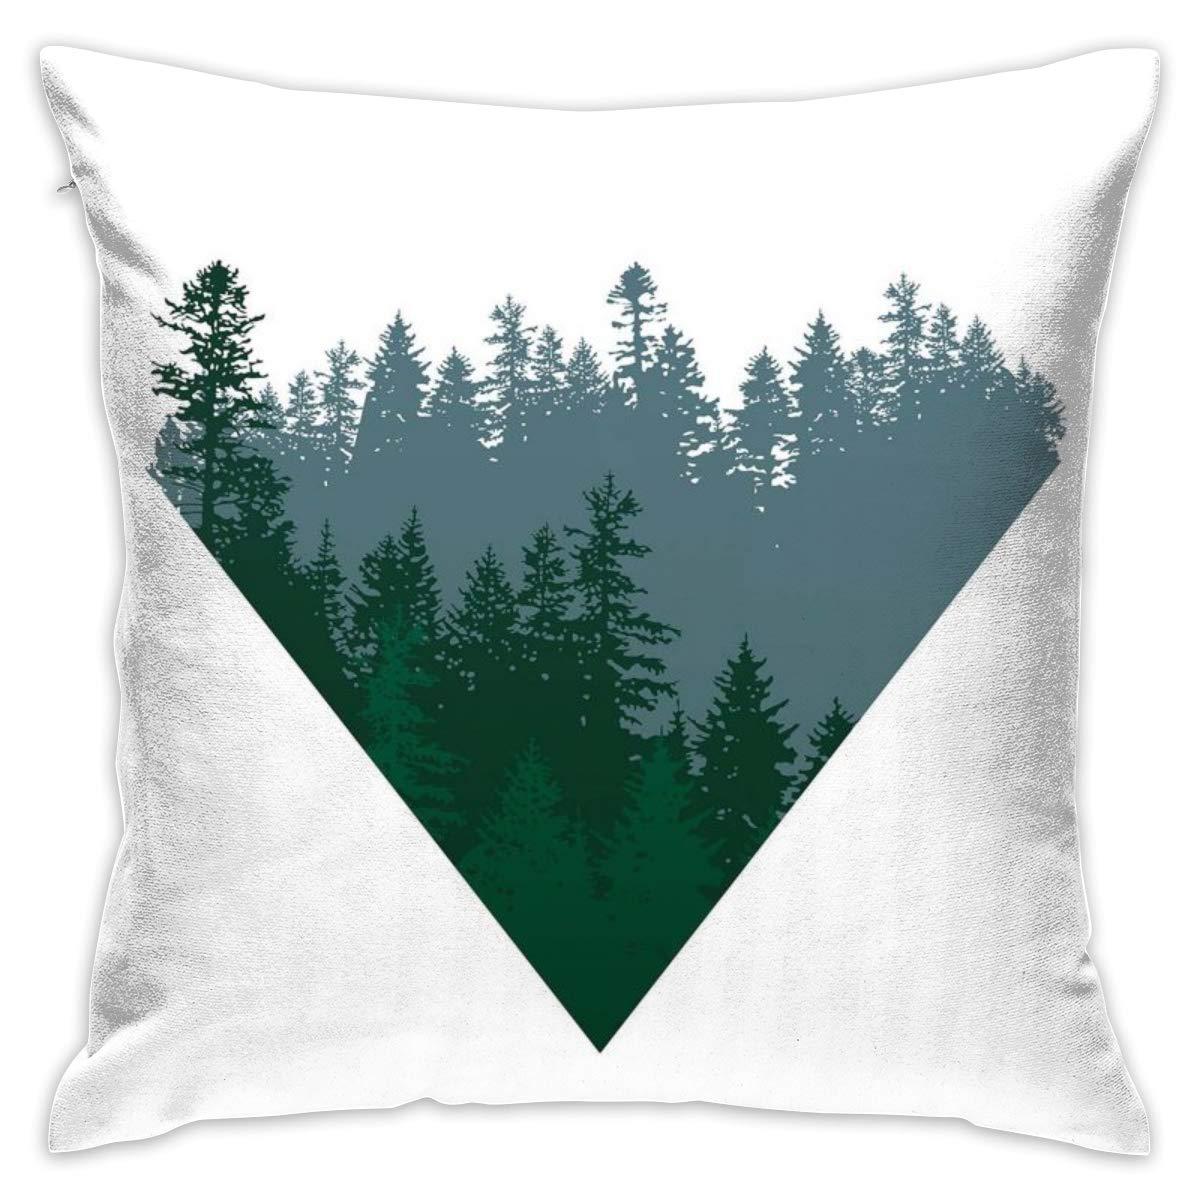 Amazon.com: Fundas decorativas para almohadas con inserto ...